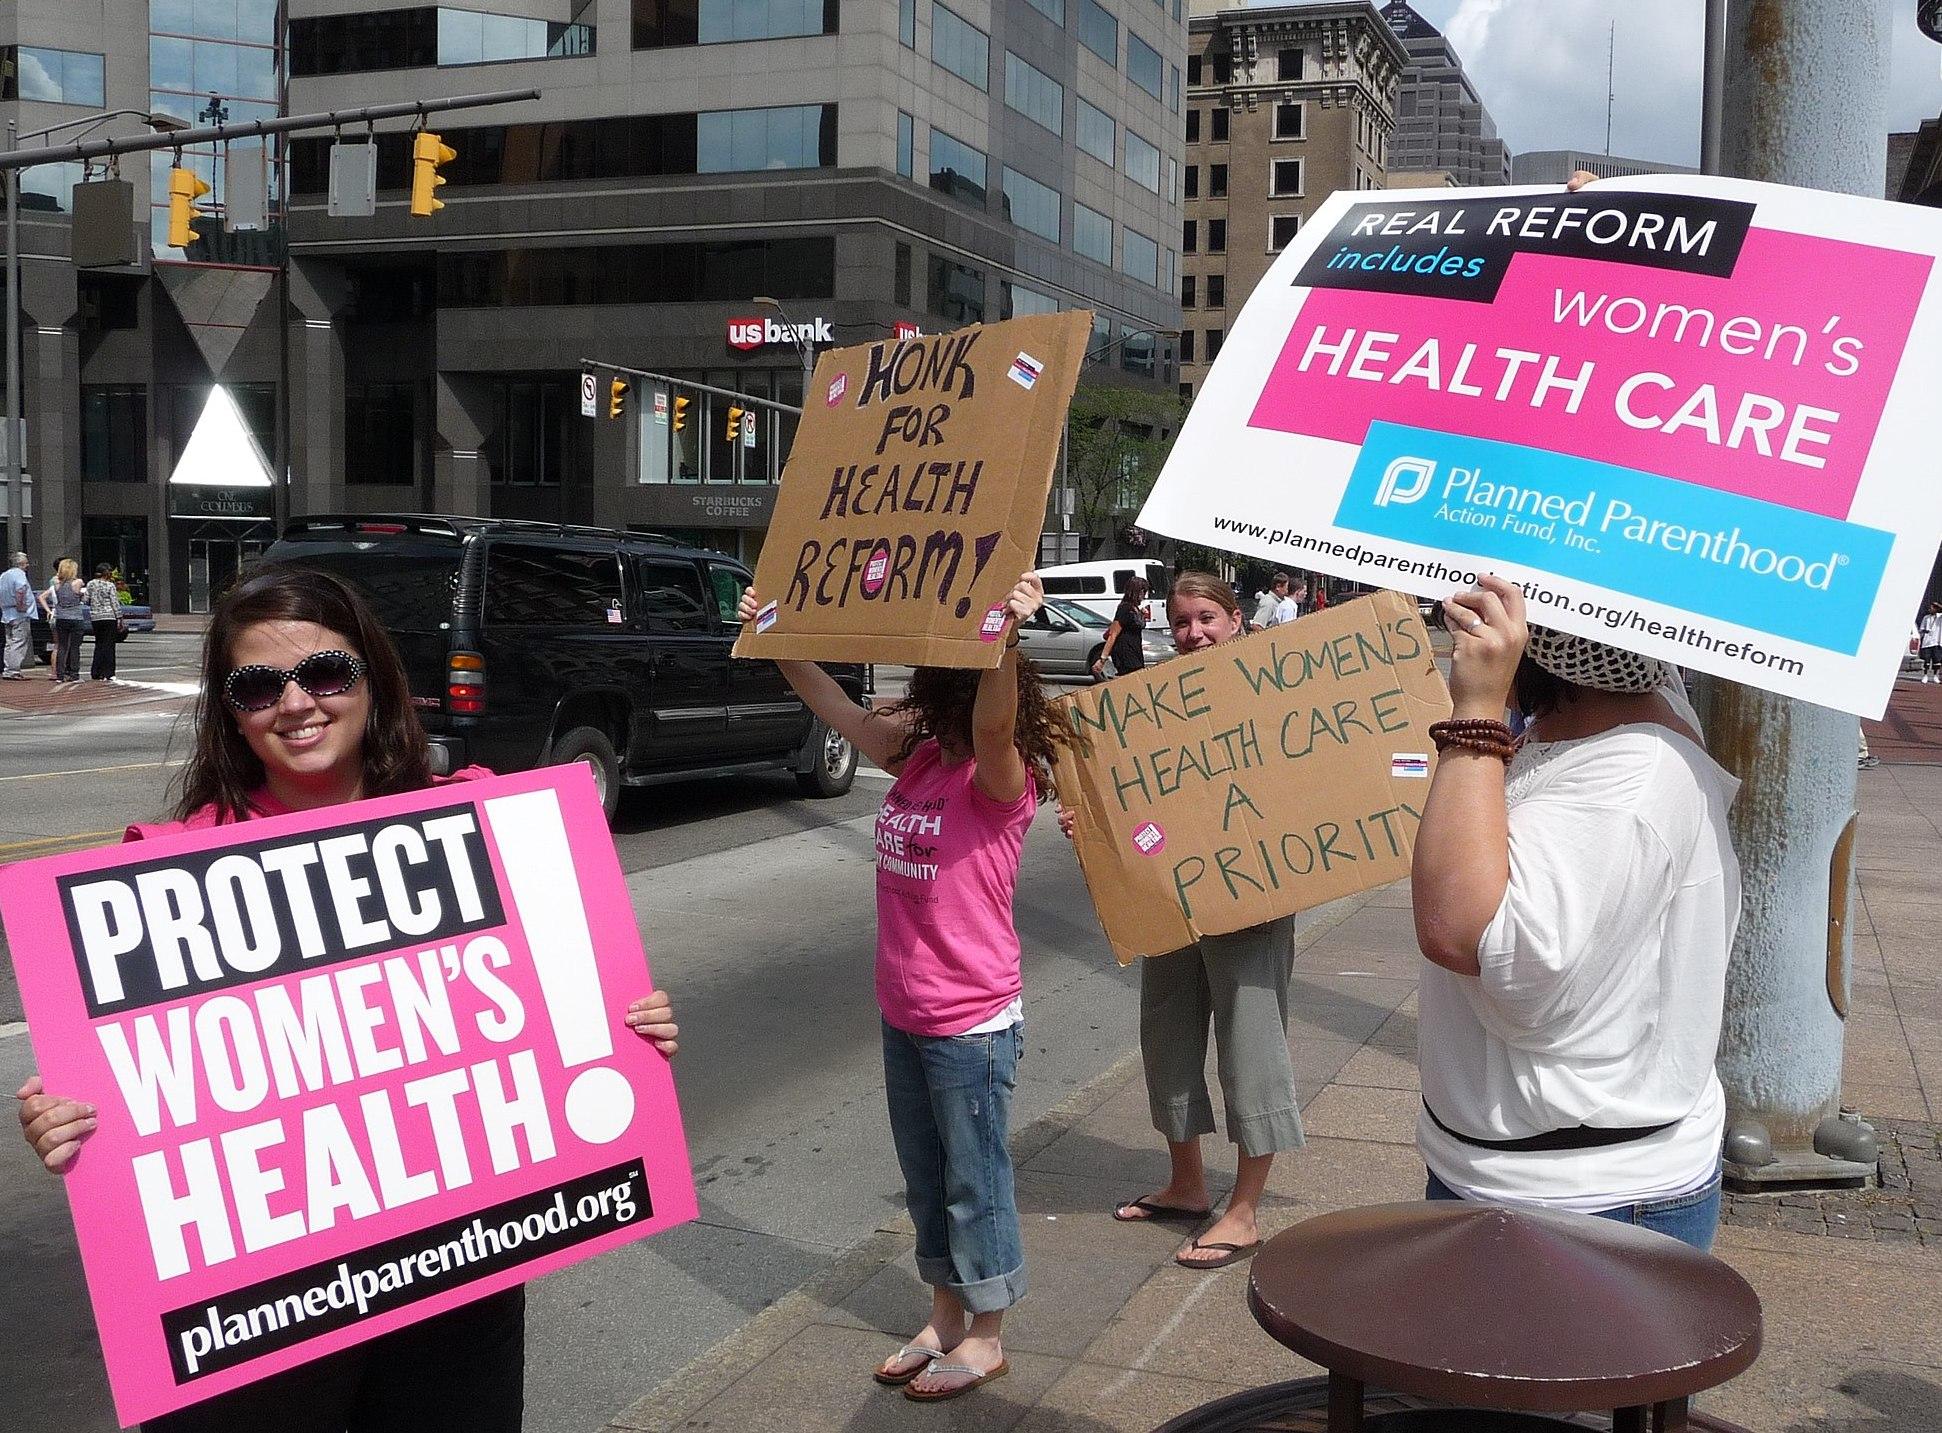 """Die Organisation """"Planned Parenthood"""" ist für vielen Frauen in den USA die einzige bezahlbare Möglichkeit einer gesundheitlichen Versorgung. Bild: Unsplash"""